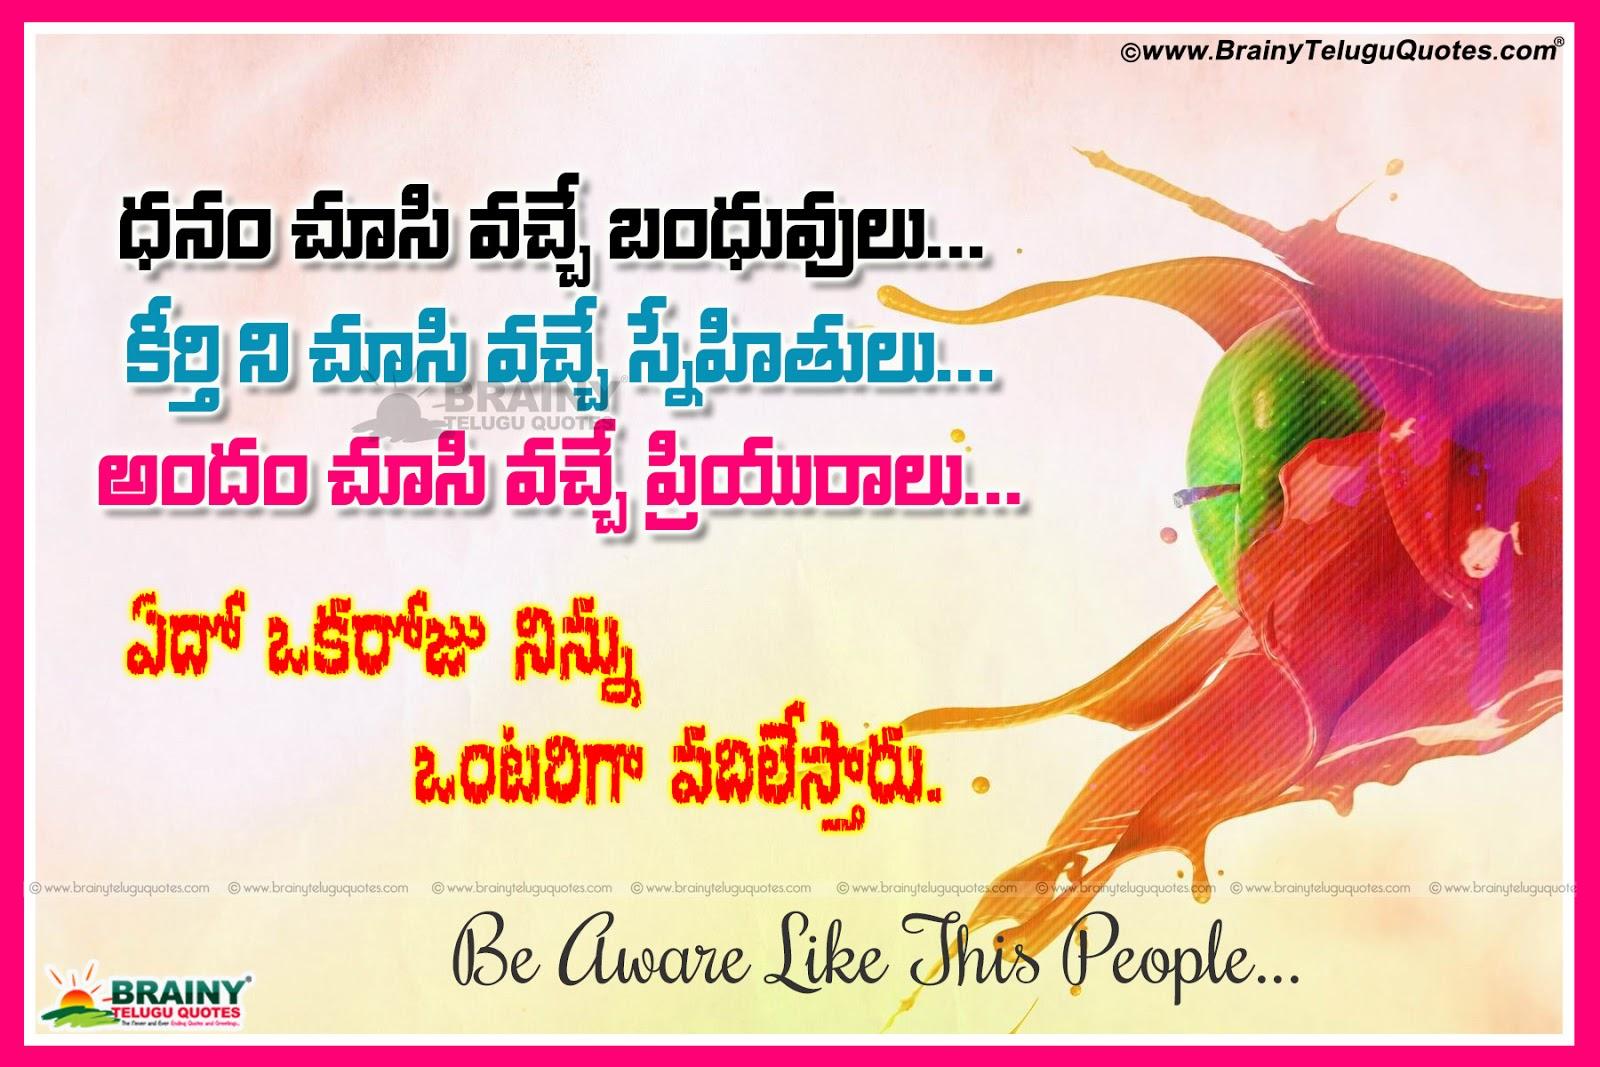 Free Life Quotes Telugu Life Quotesonline Telugu Free Telugu Quotes On Life